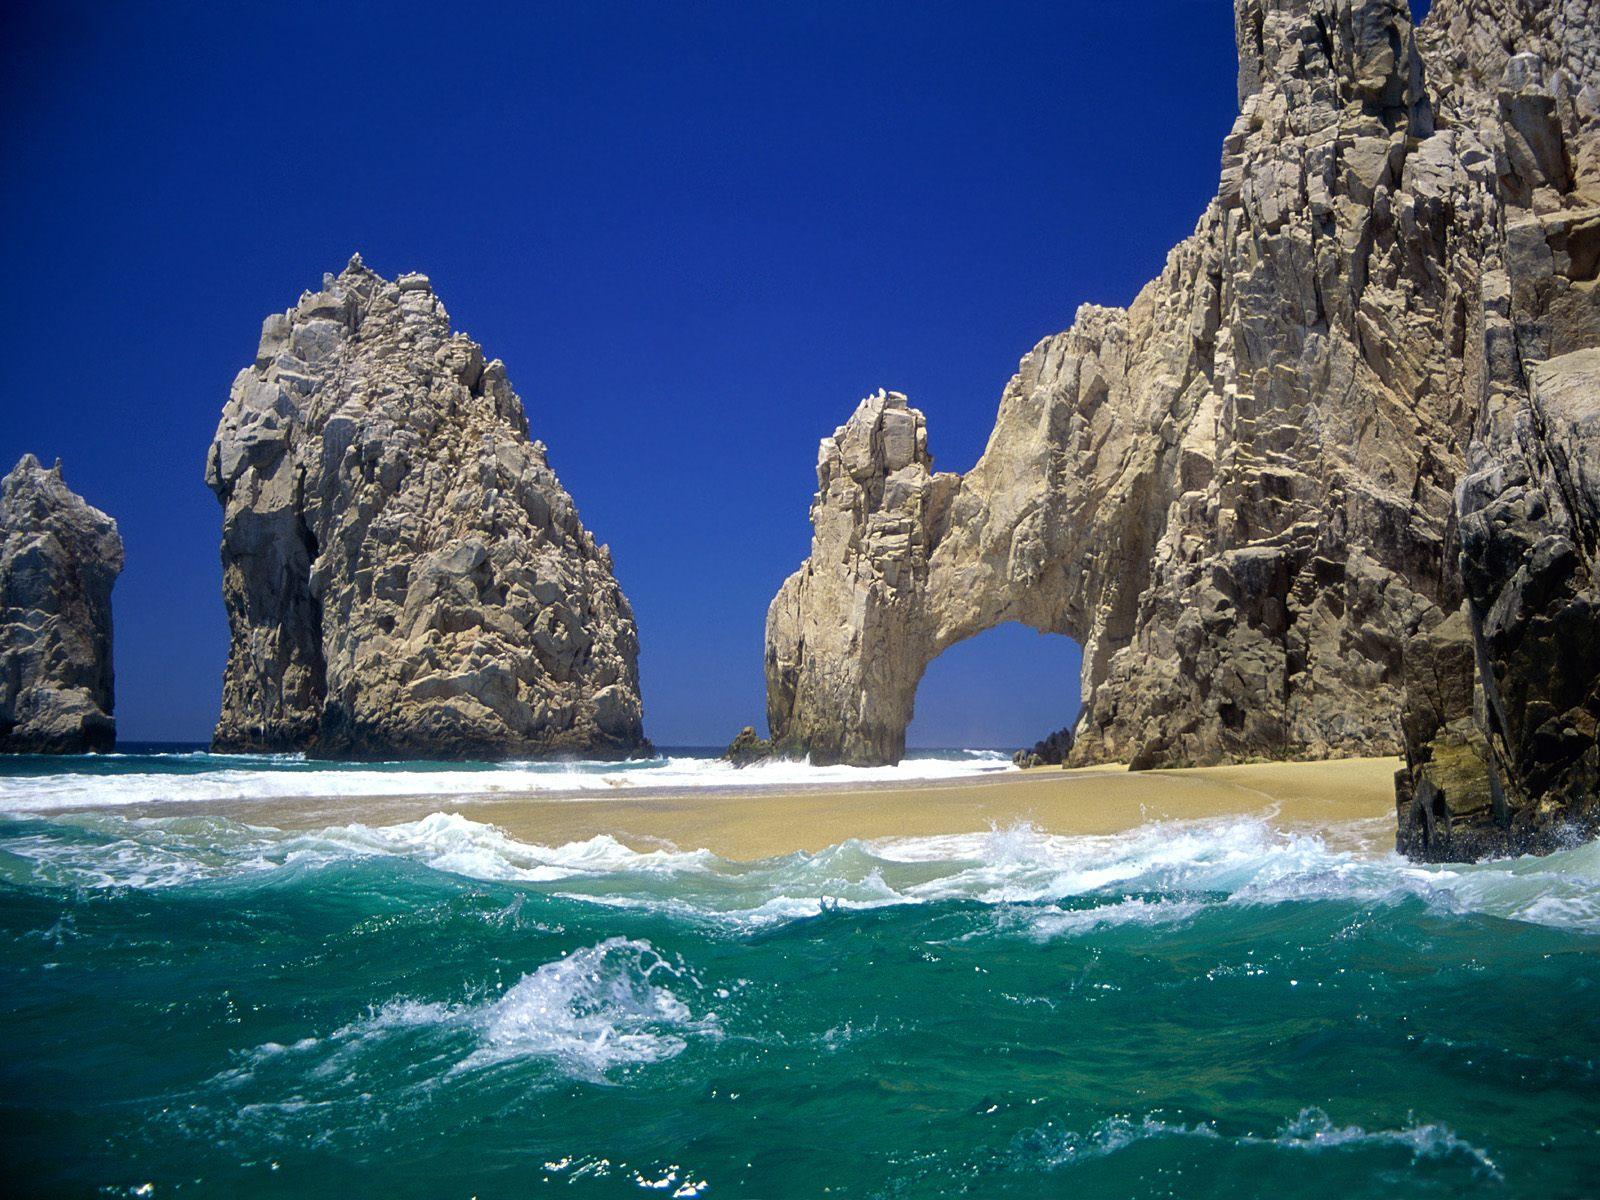 8 estados competirán por turismo médico en México